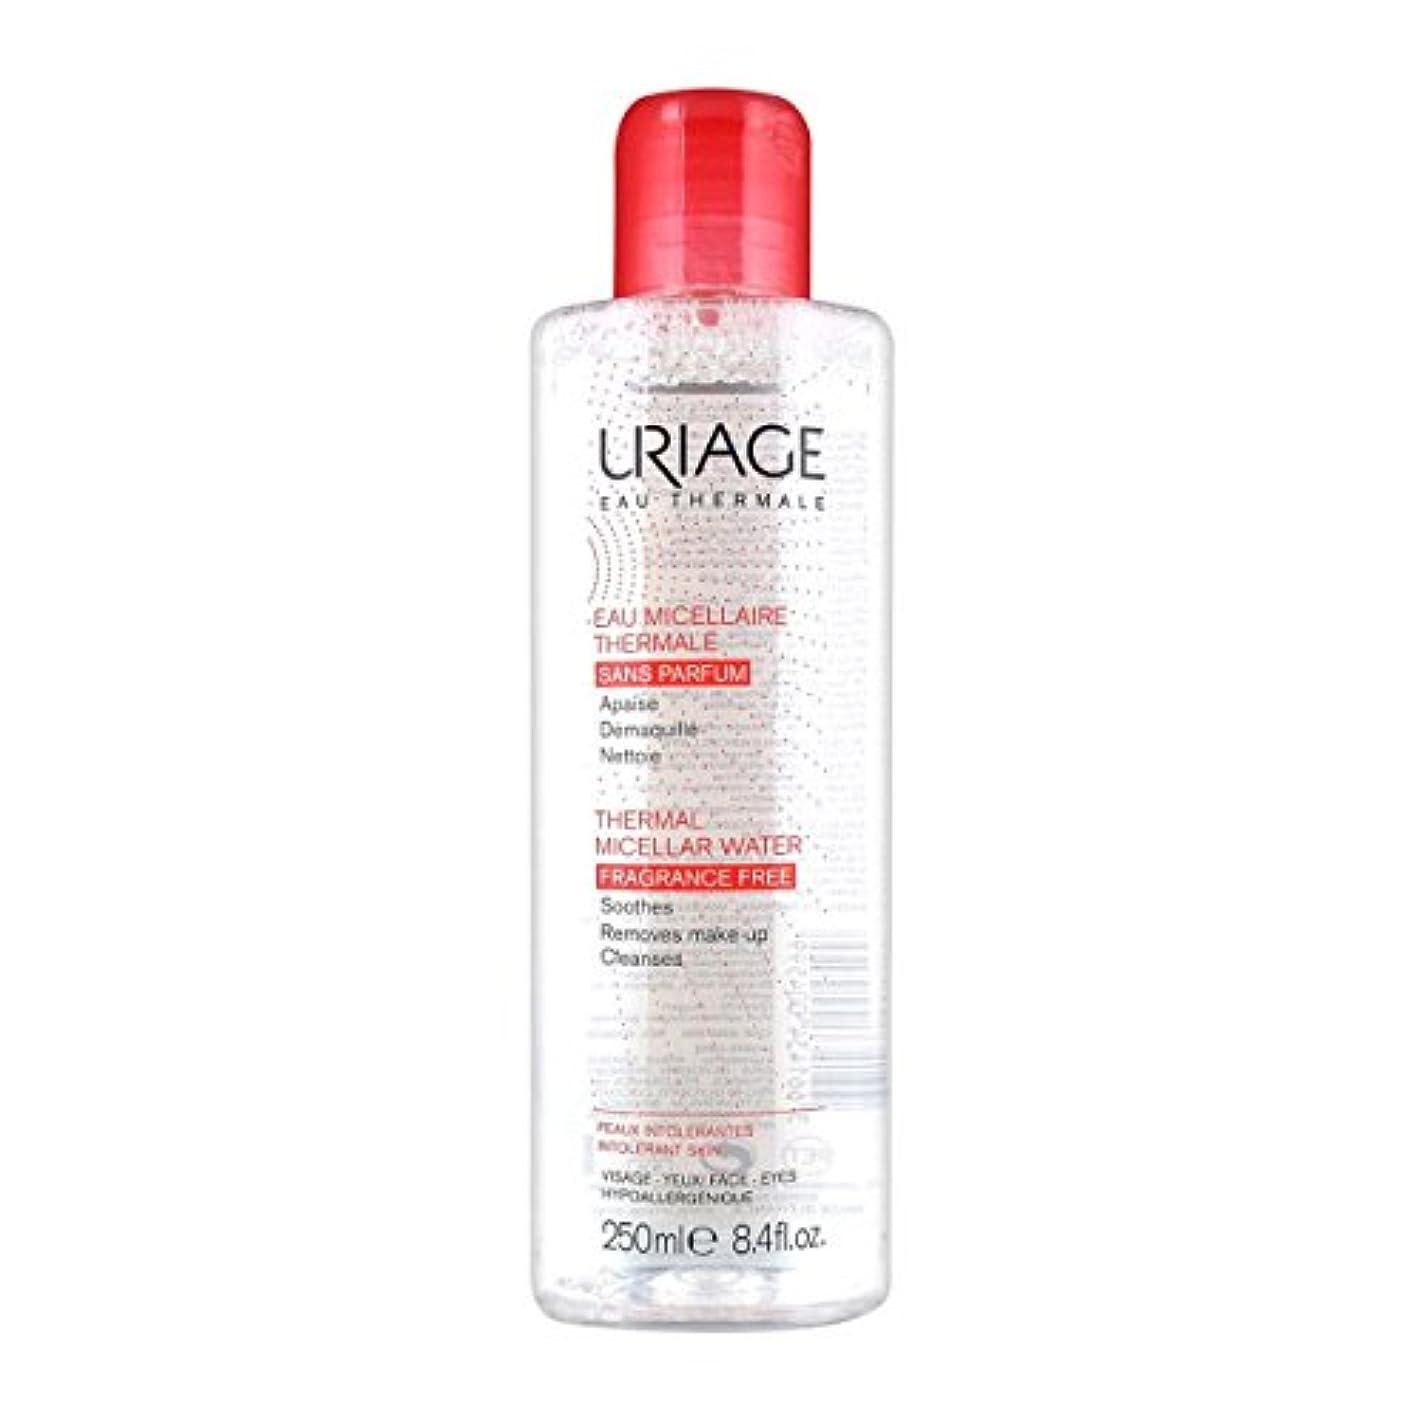 重量平和的機動Uriage Thermal Micellar Water Fragrance Free Intolerant Skin 250ml [並行輸入品]